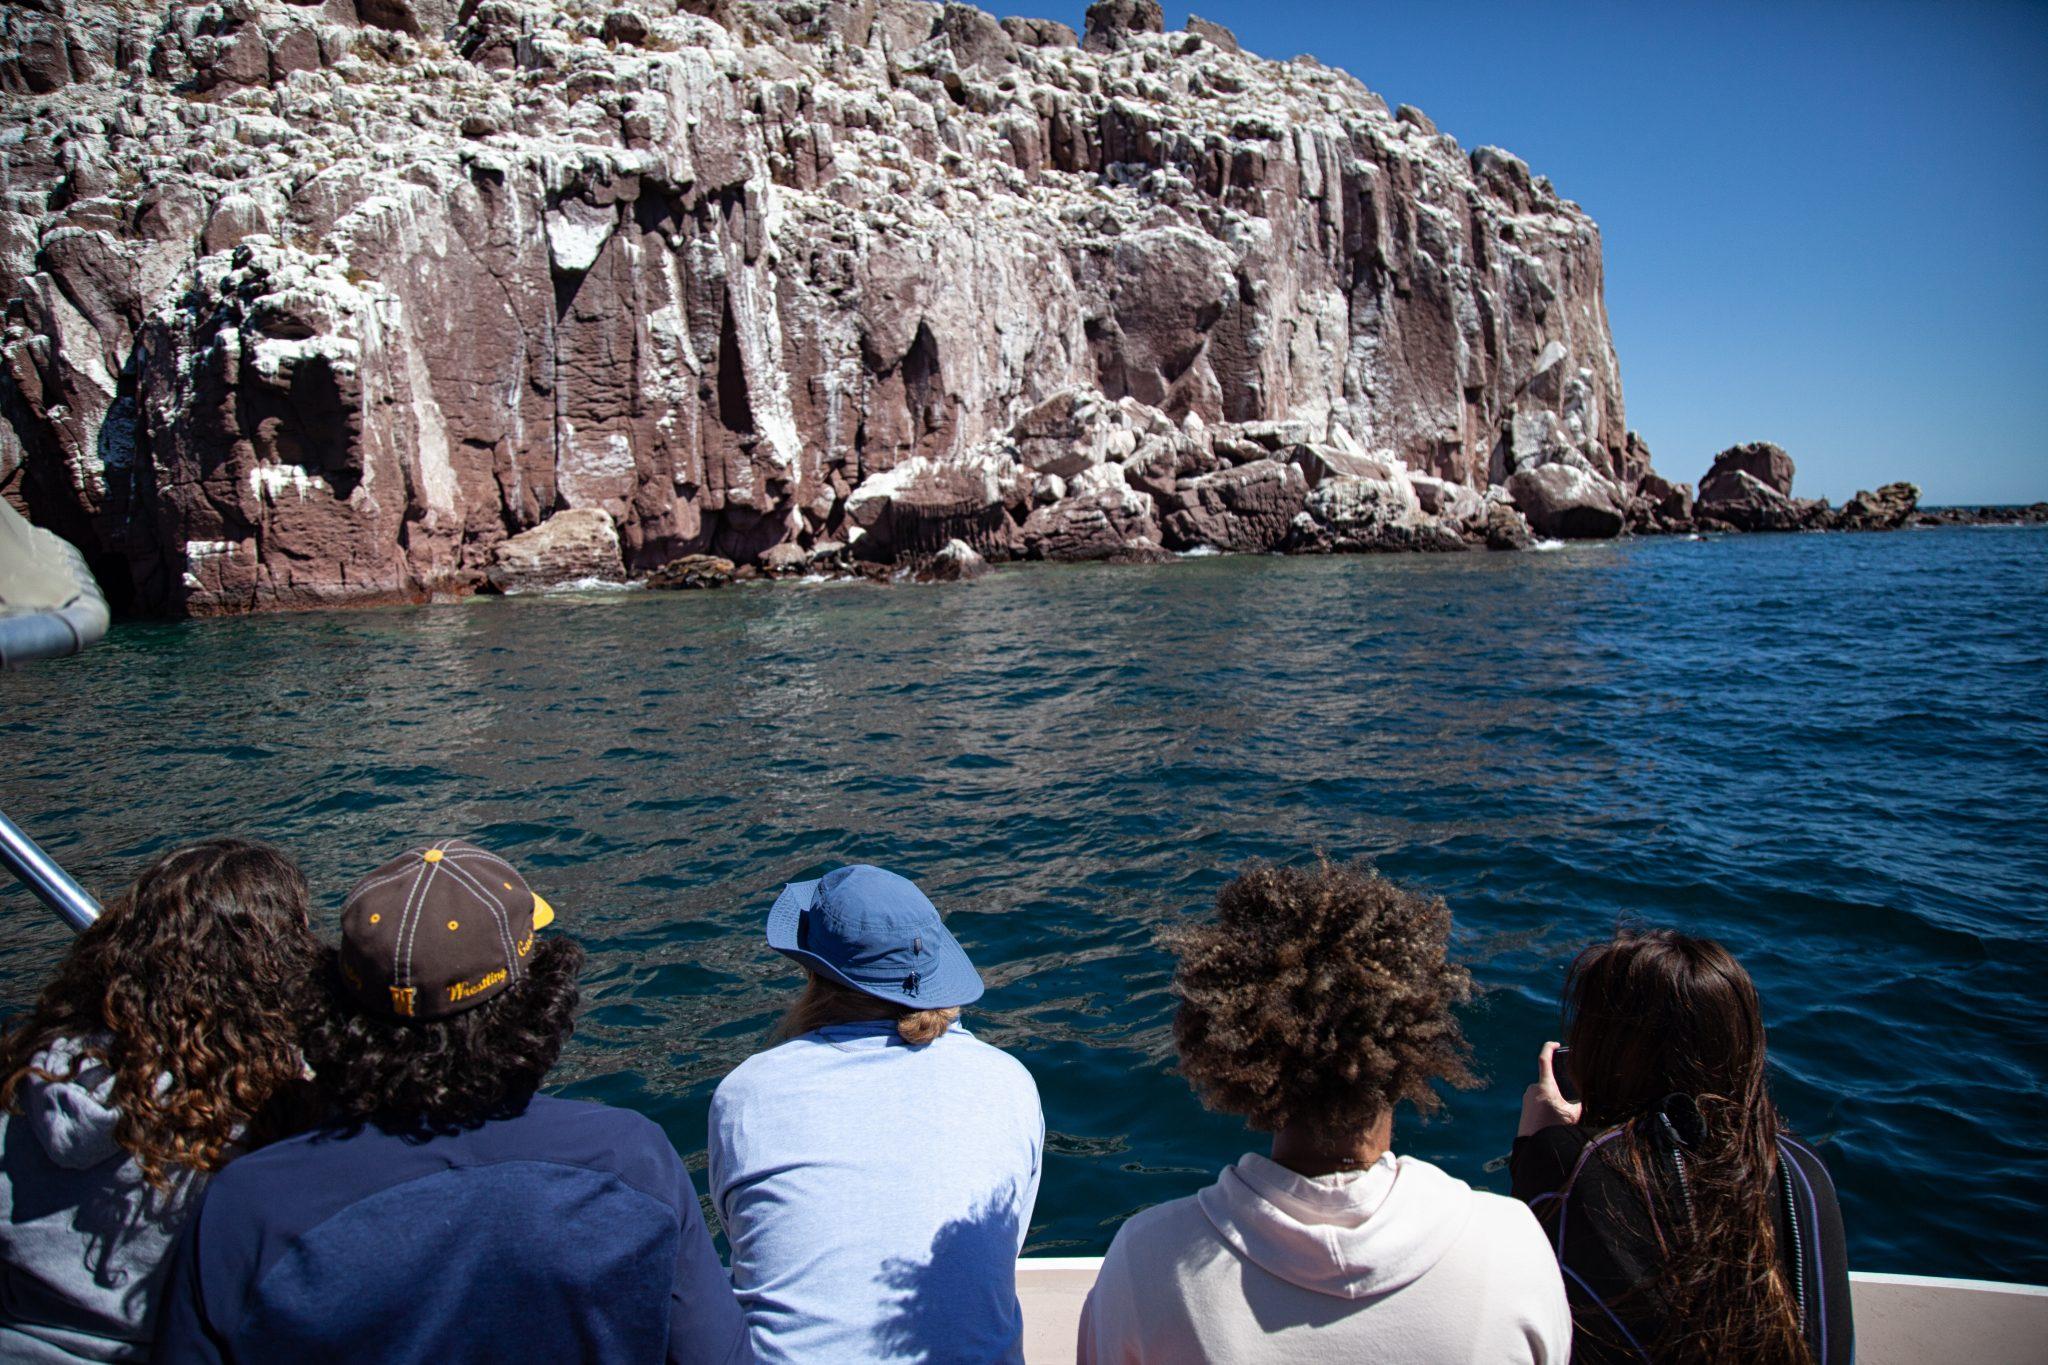 A group from CSU-Pueblo visit Baja California Sur to study ecotourism.